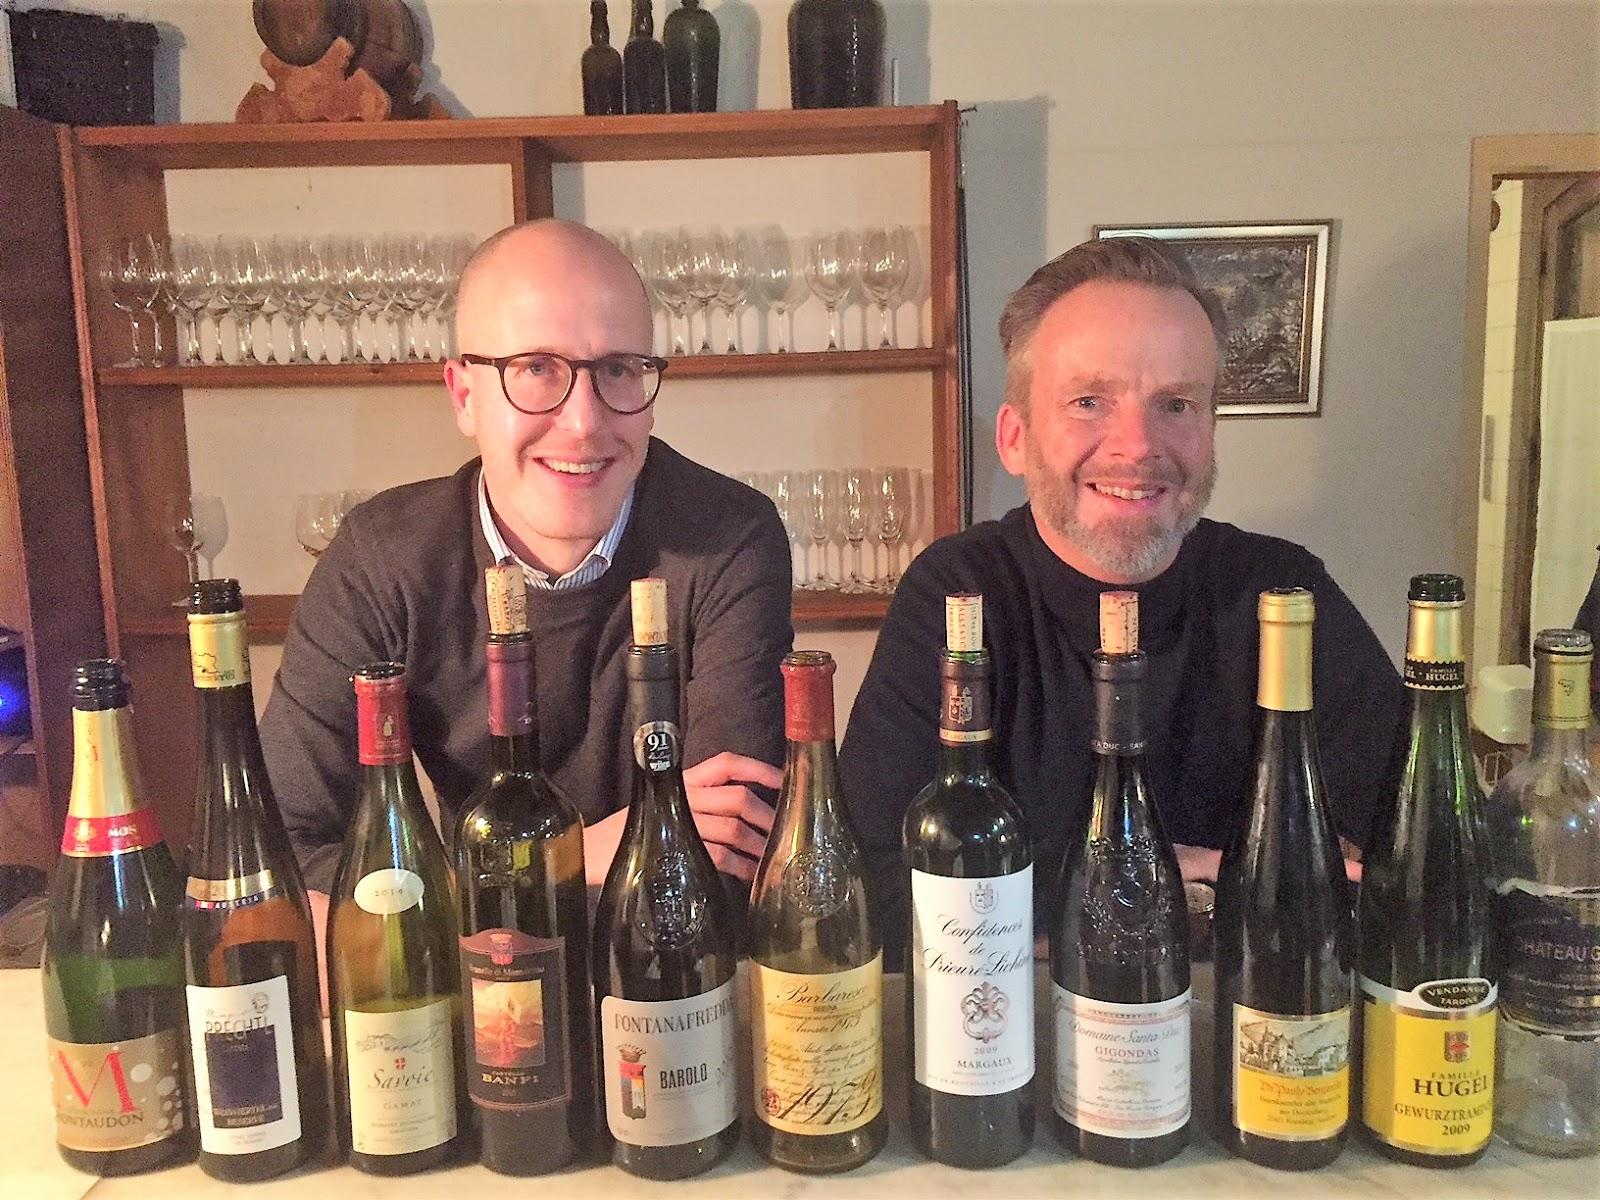 Wijn en spijs combinaties ontregelen onze ideeën